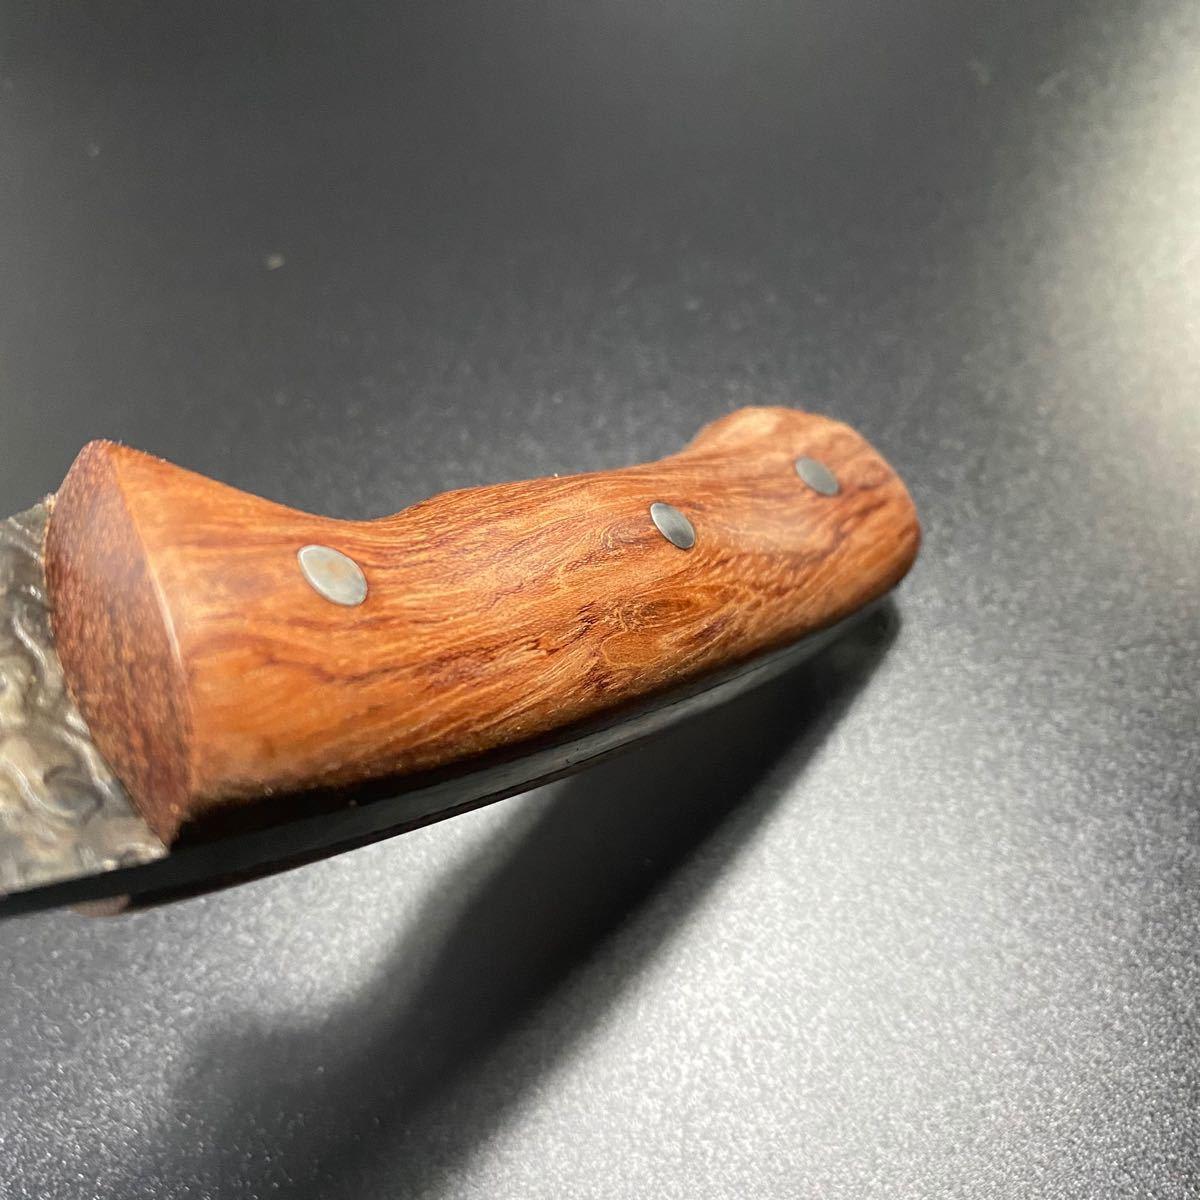 シースナイフ フィックスブレード サバイバルナイフ バトニングナイフレザーケース